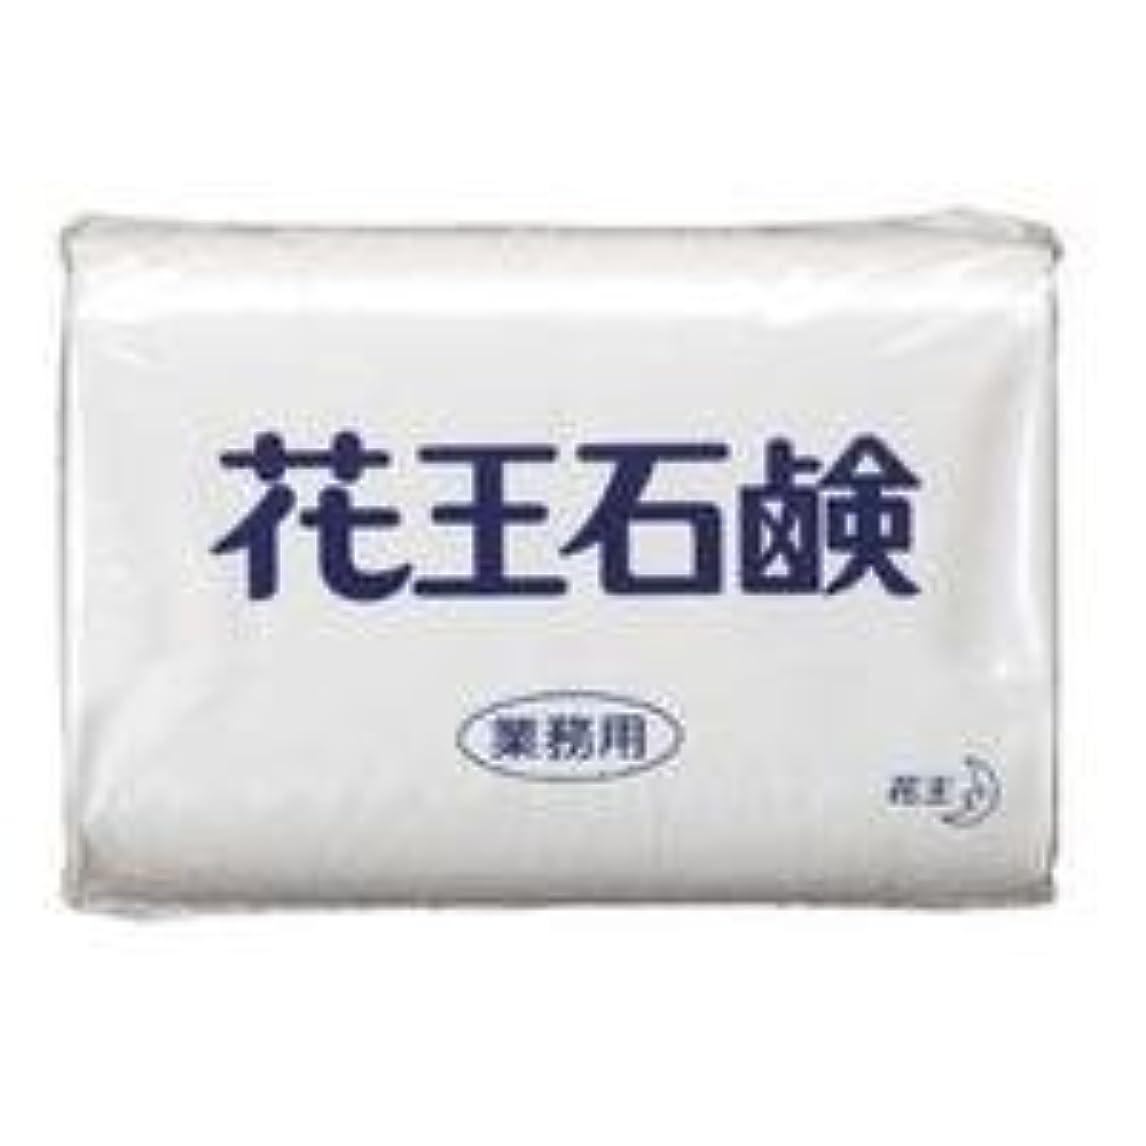 抑圧する常習的ラダ業務用石鹸 85g 3個×40パック(120個入り)